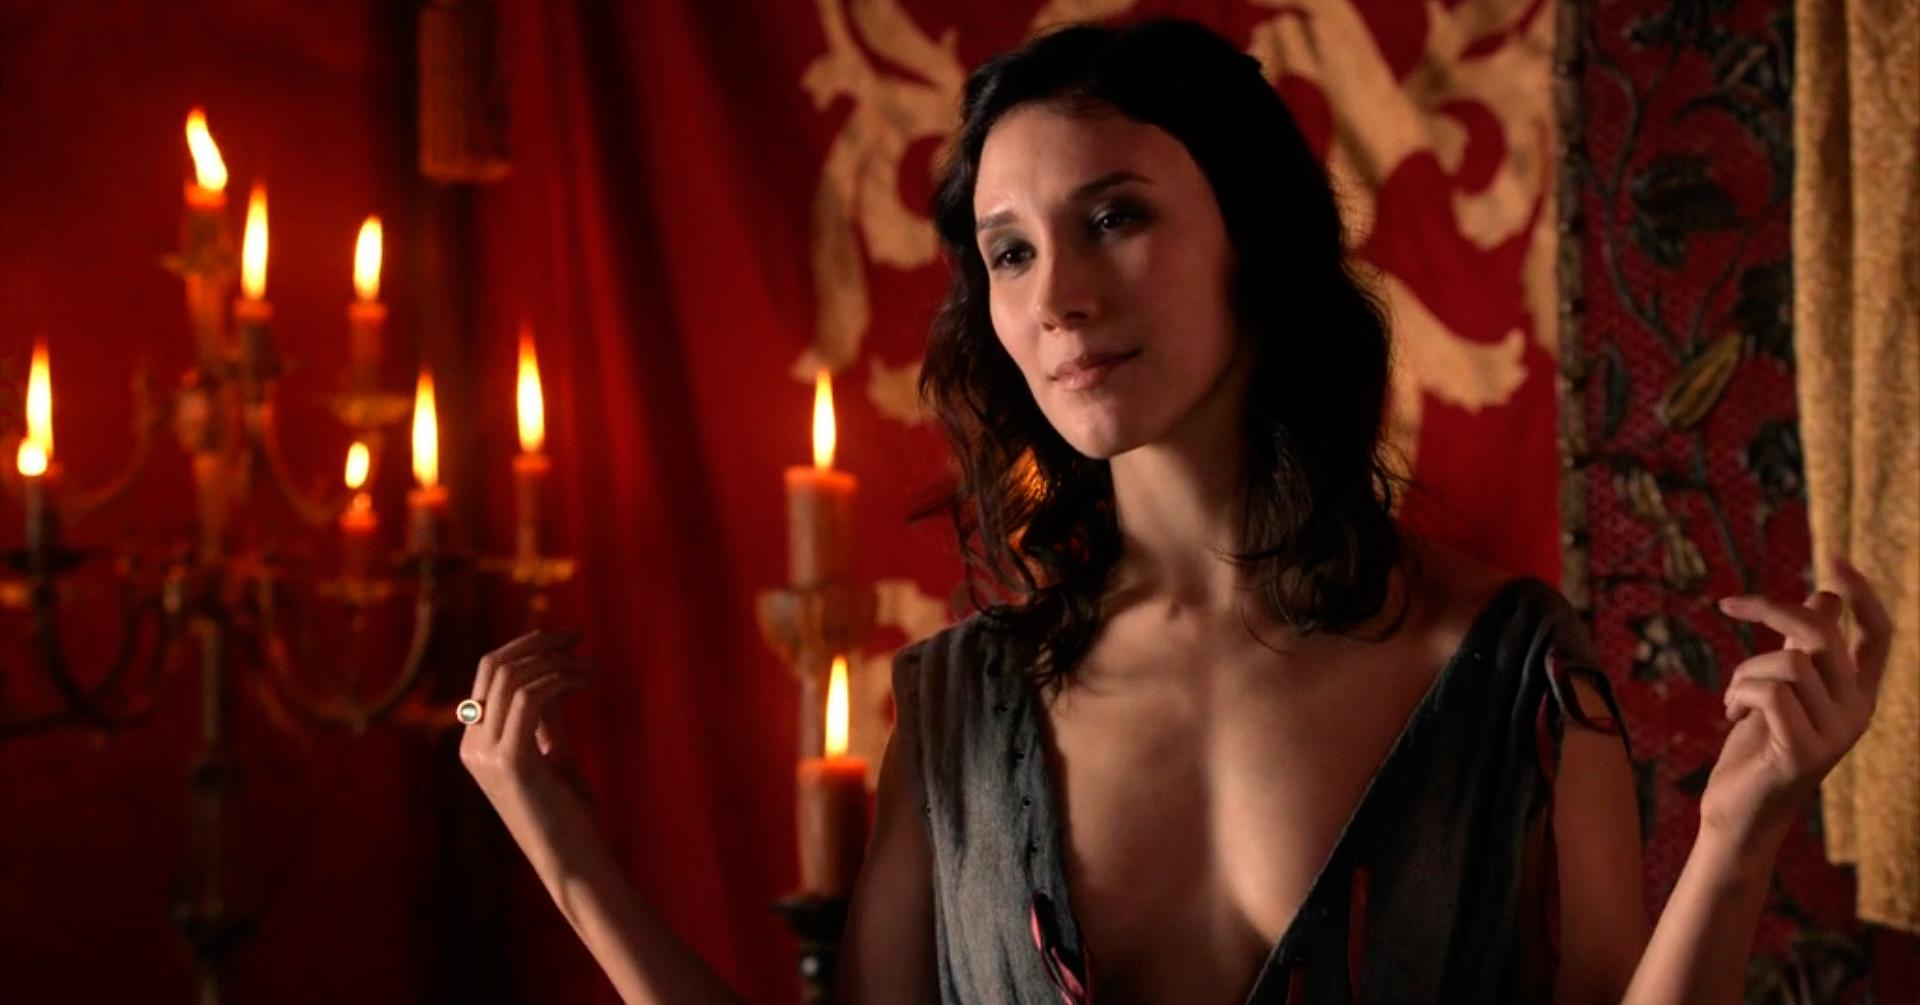 Actrices Porno En Juego De Tronos 6 actrices porno que han salido en 'juego de tronos'